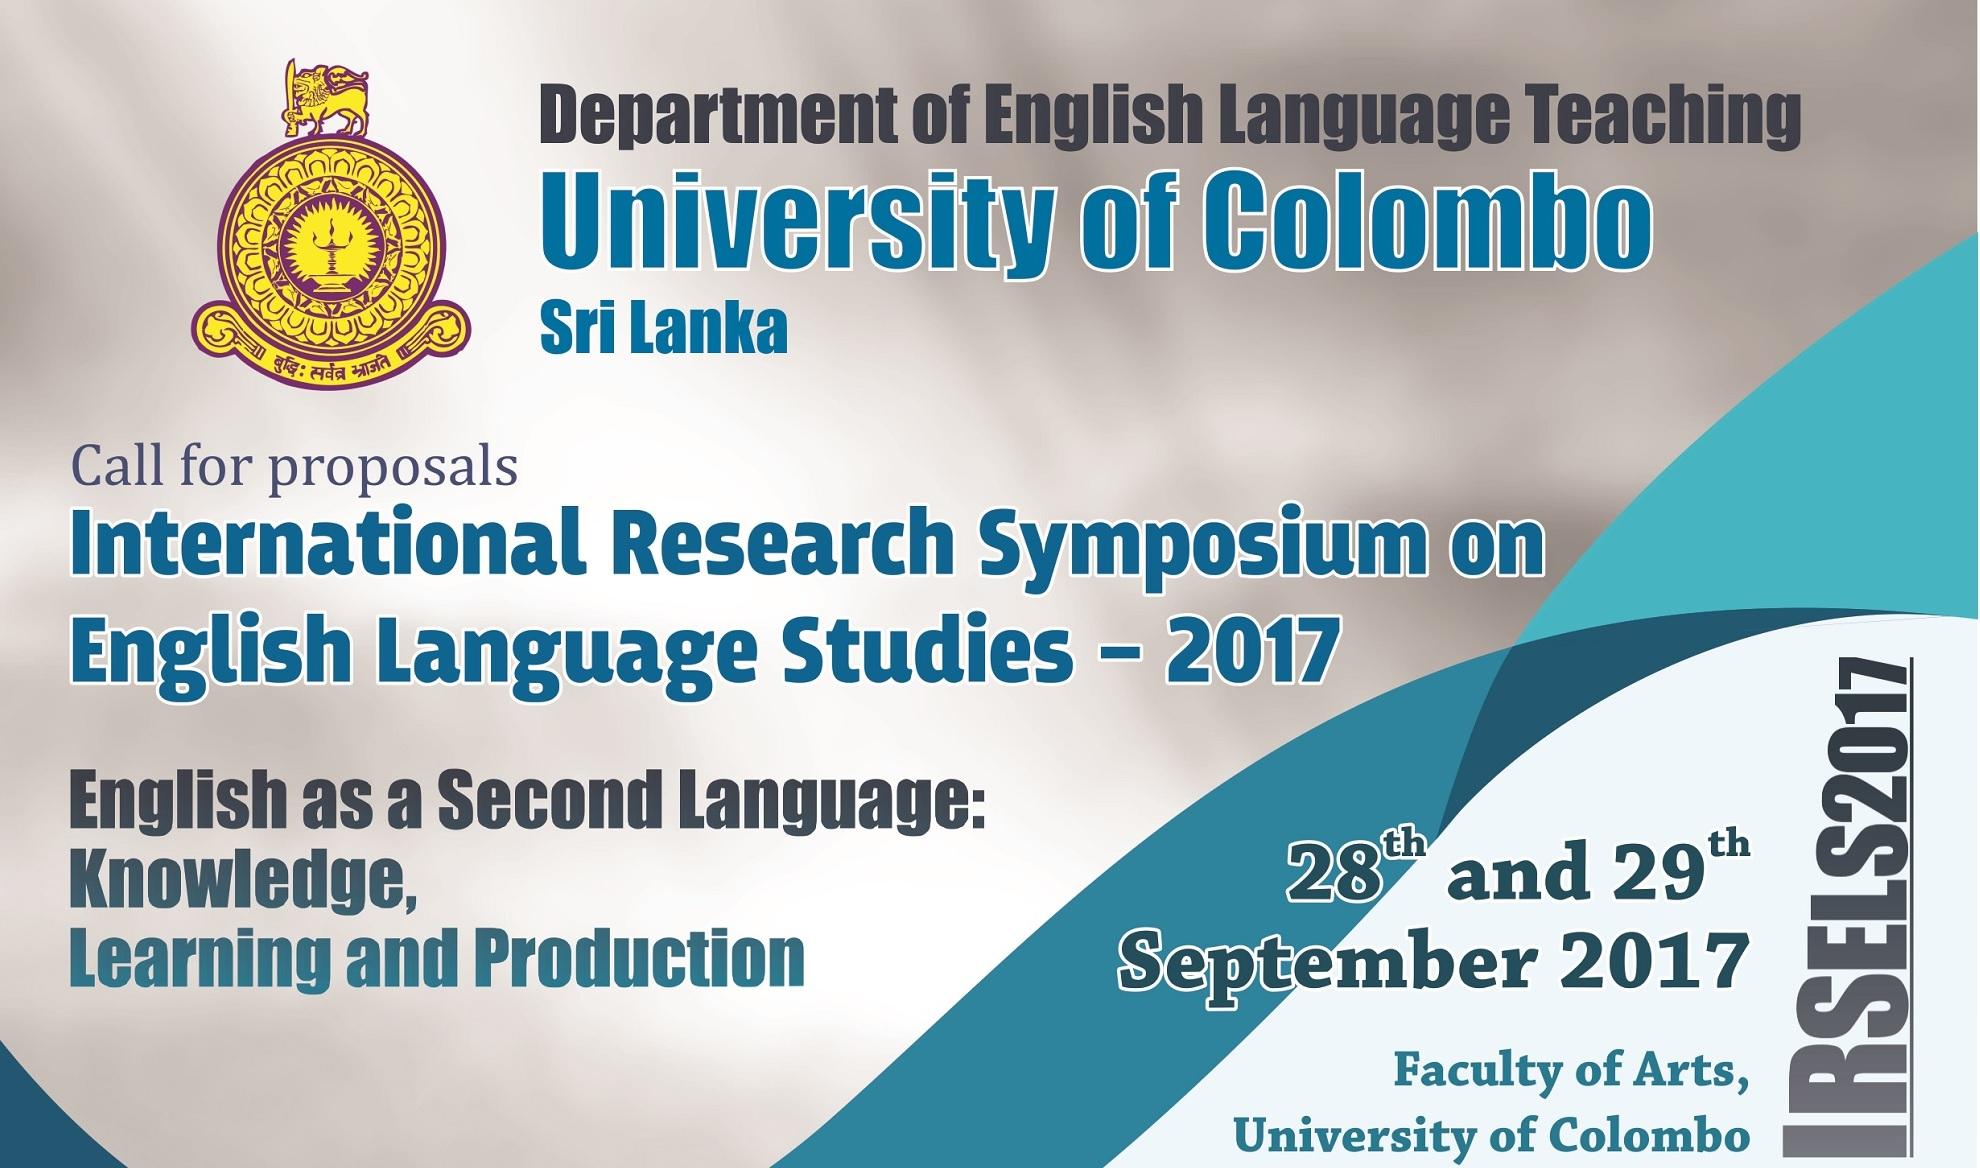 International Research Symposium on English Language Studies – 28th September